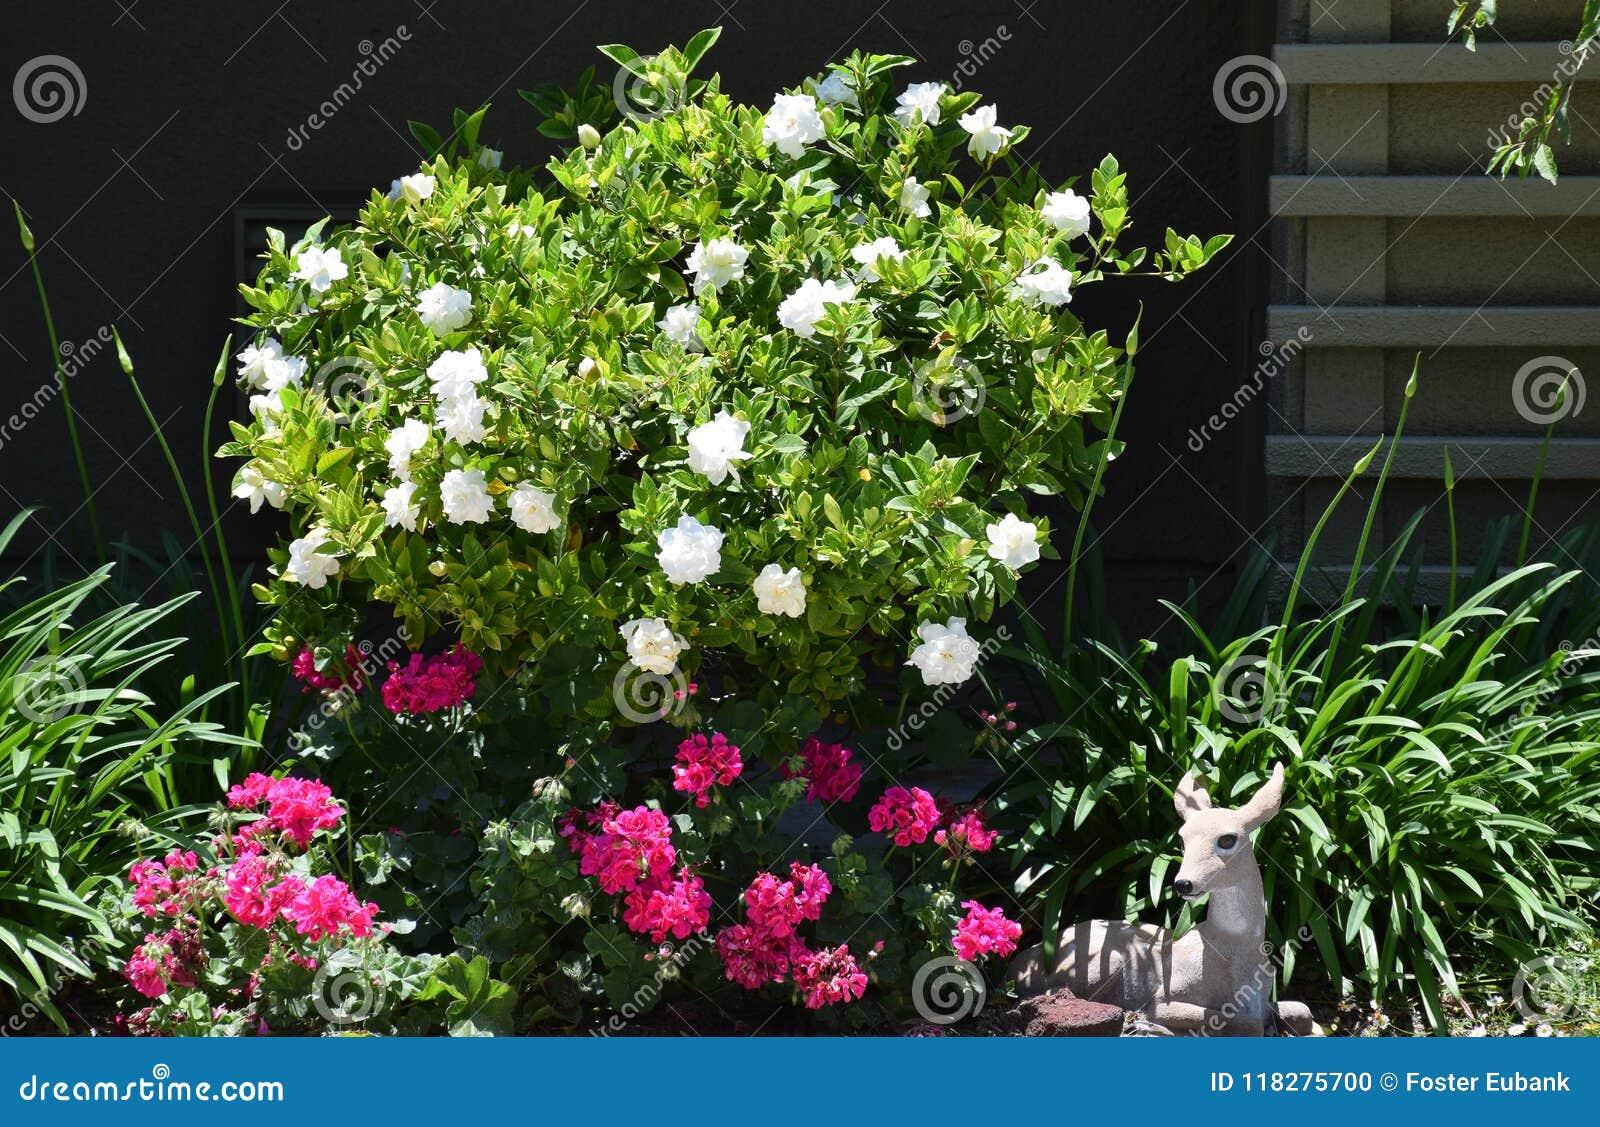 Oavkortad blom för gardeniabuske